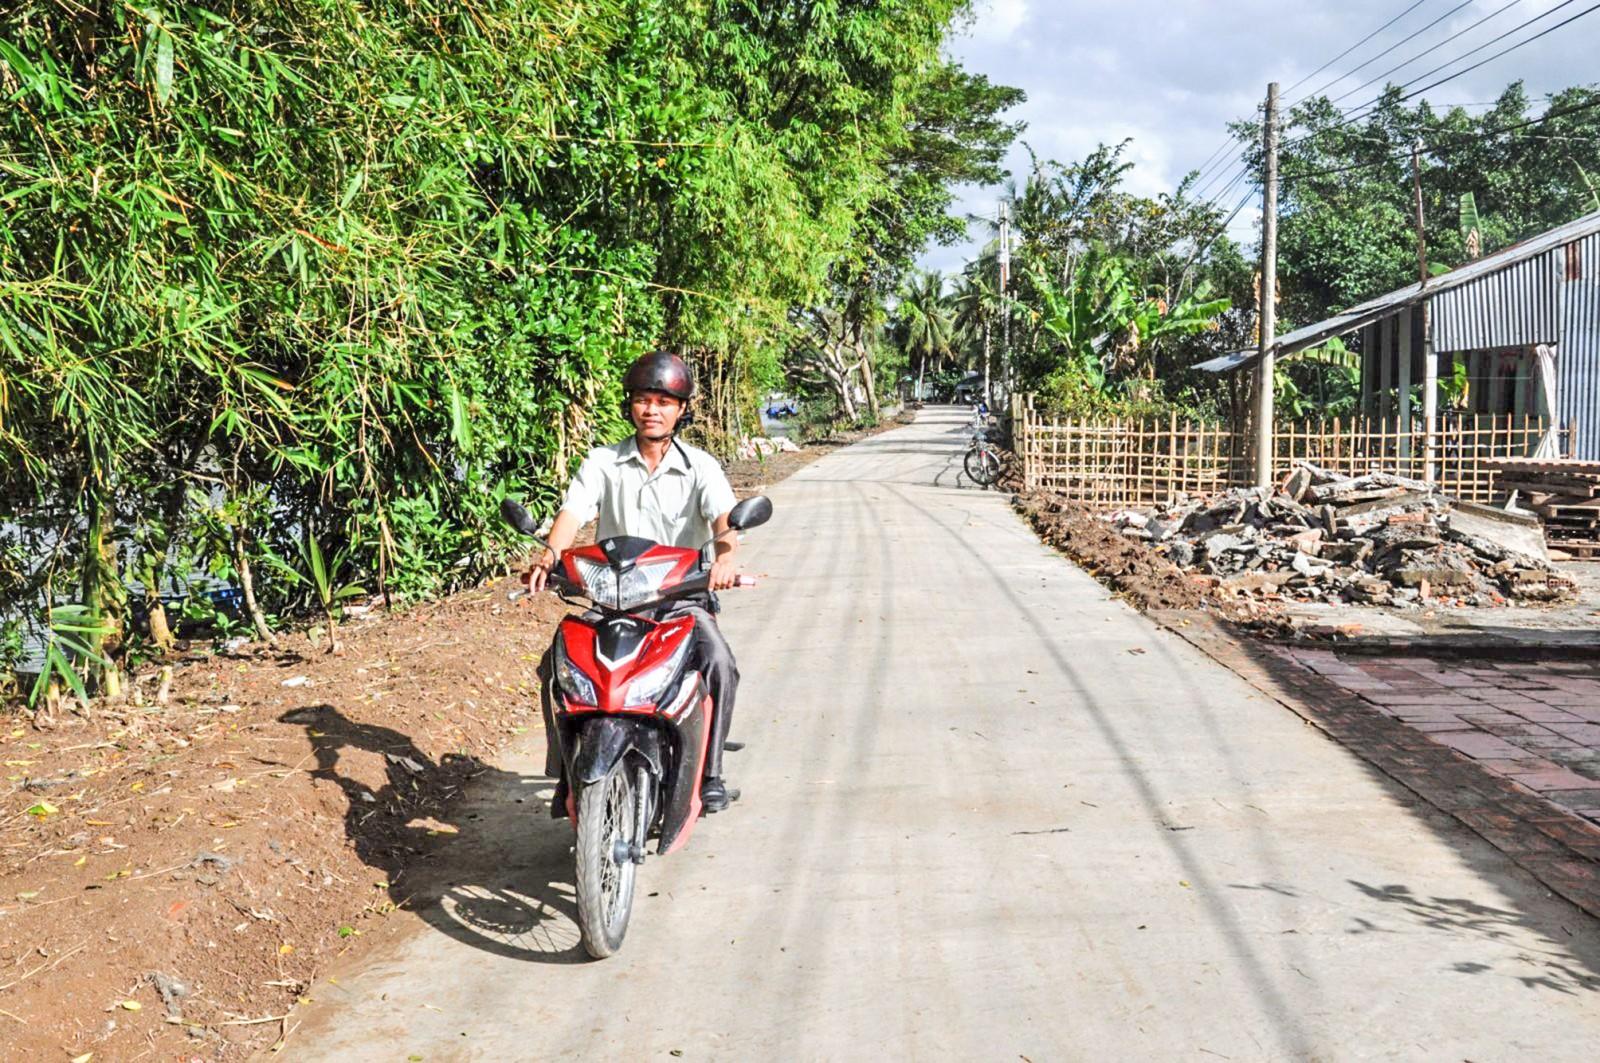 Được sự hỗ trợ của cán bộ huyện, nhiều tuyến đường ở xã Đông Thắng được nâng cấp, mở rộng. Ảnh: ANH DŨNG